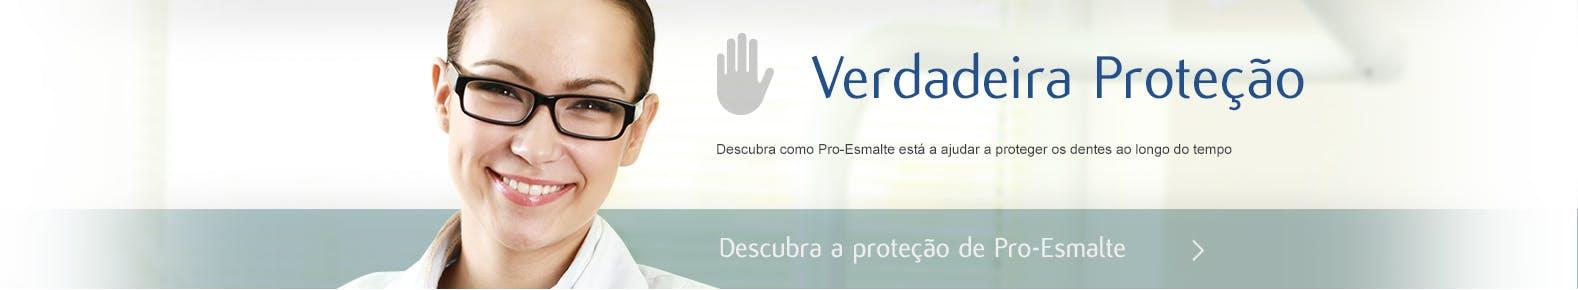 Descubra a proteção de Pro-Esmalte